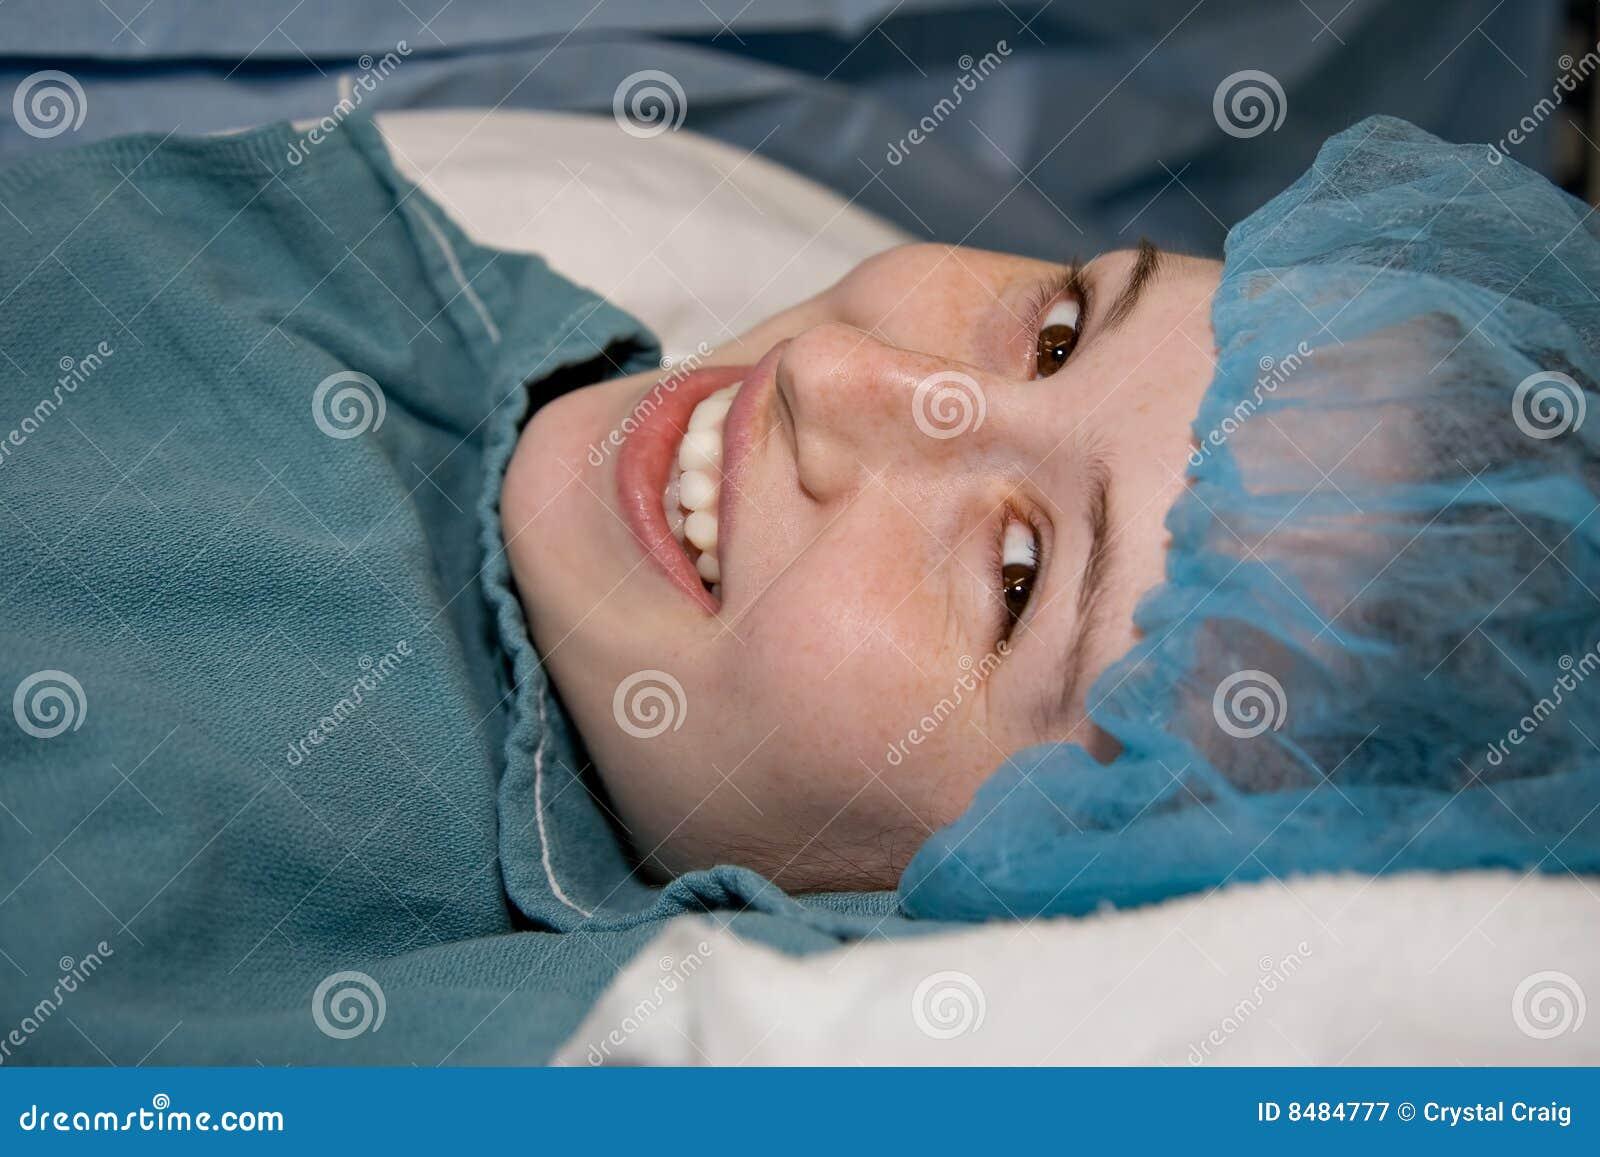 Happy medical patient